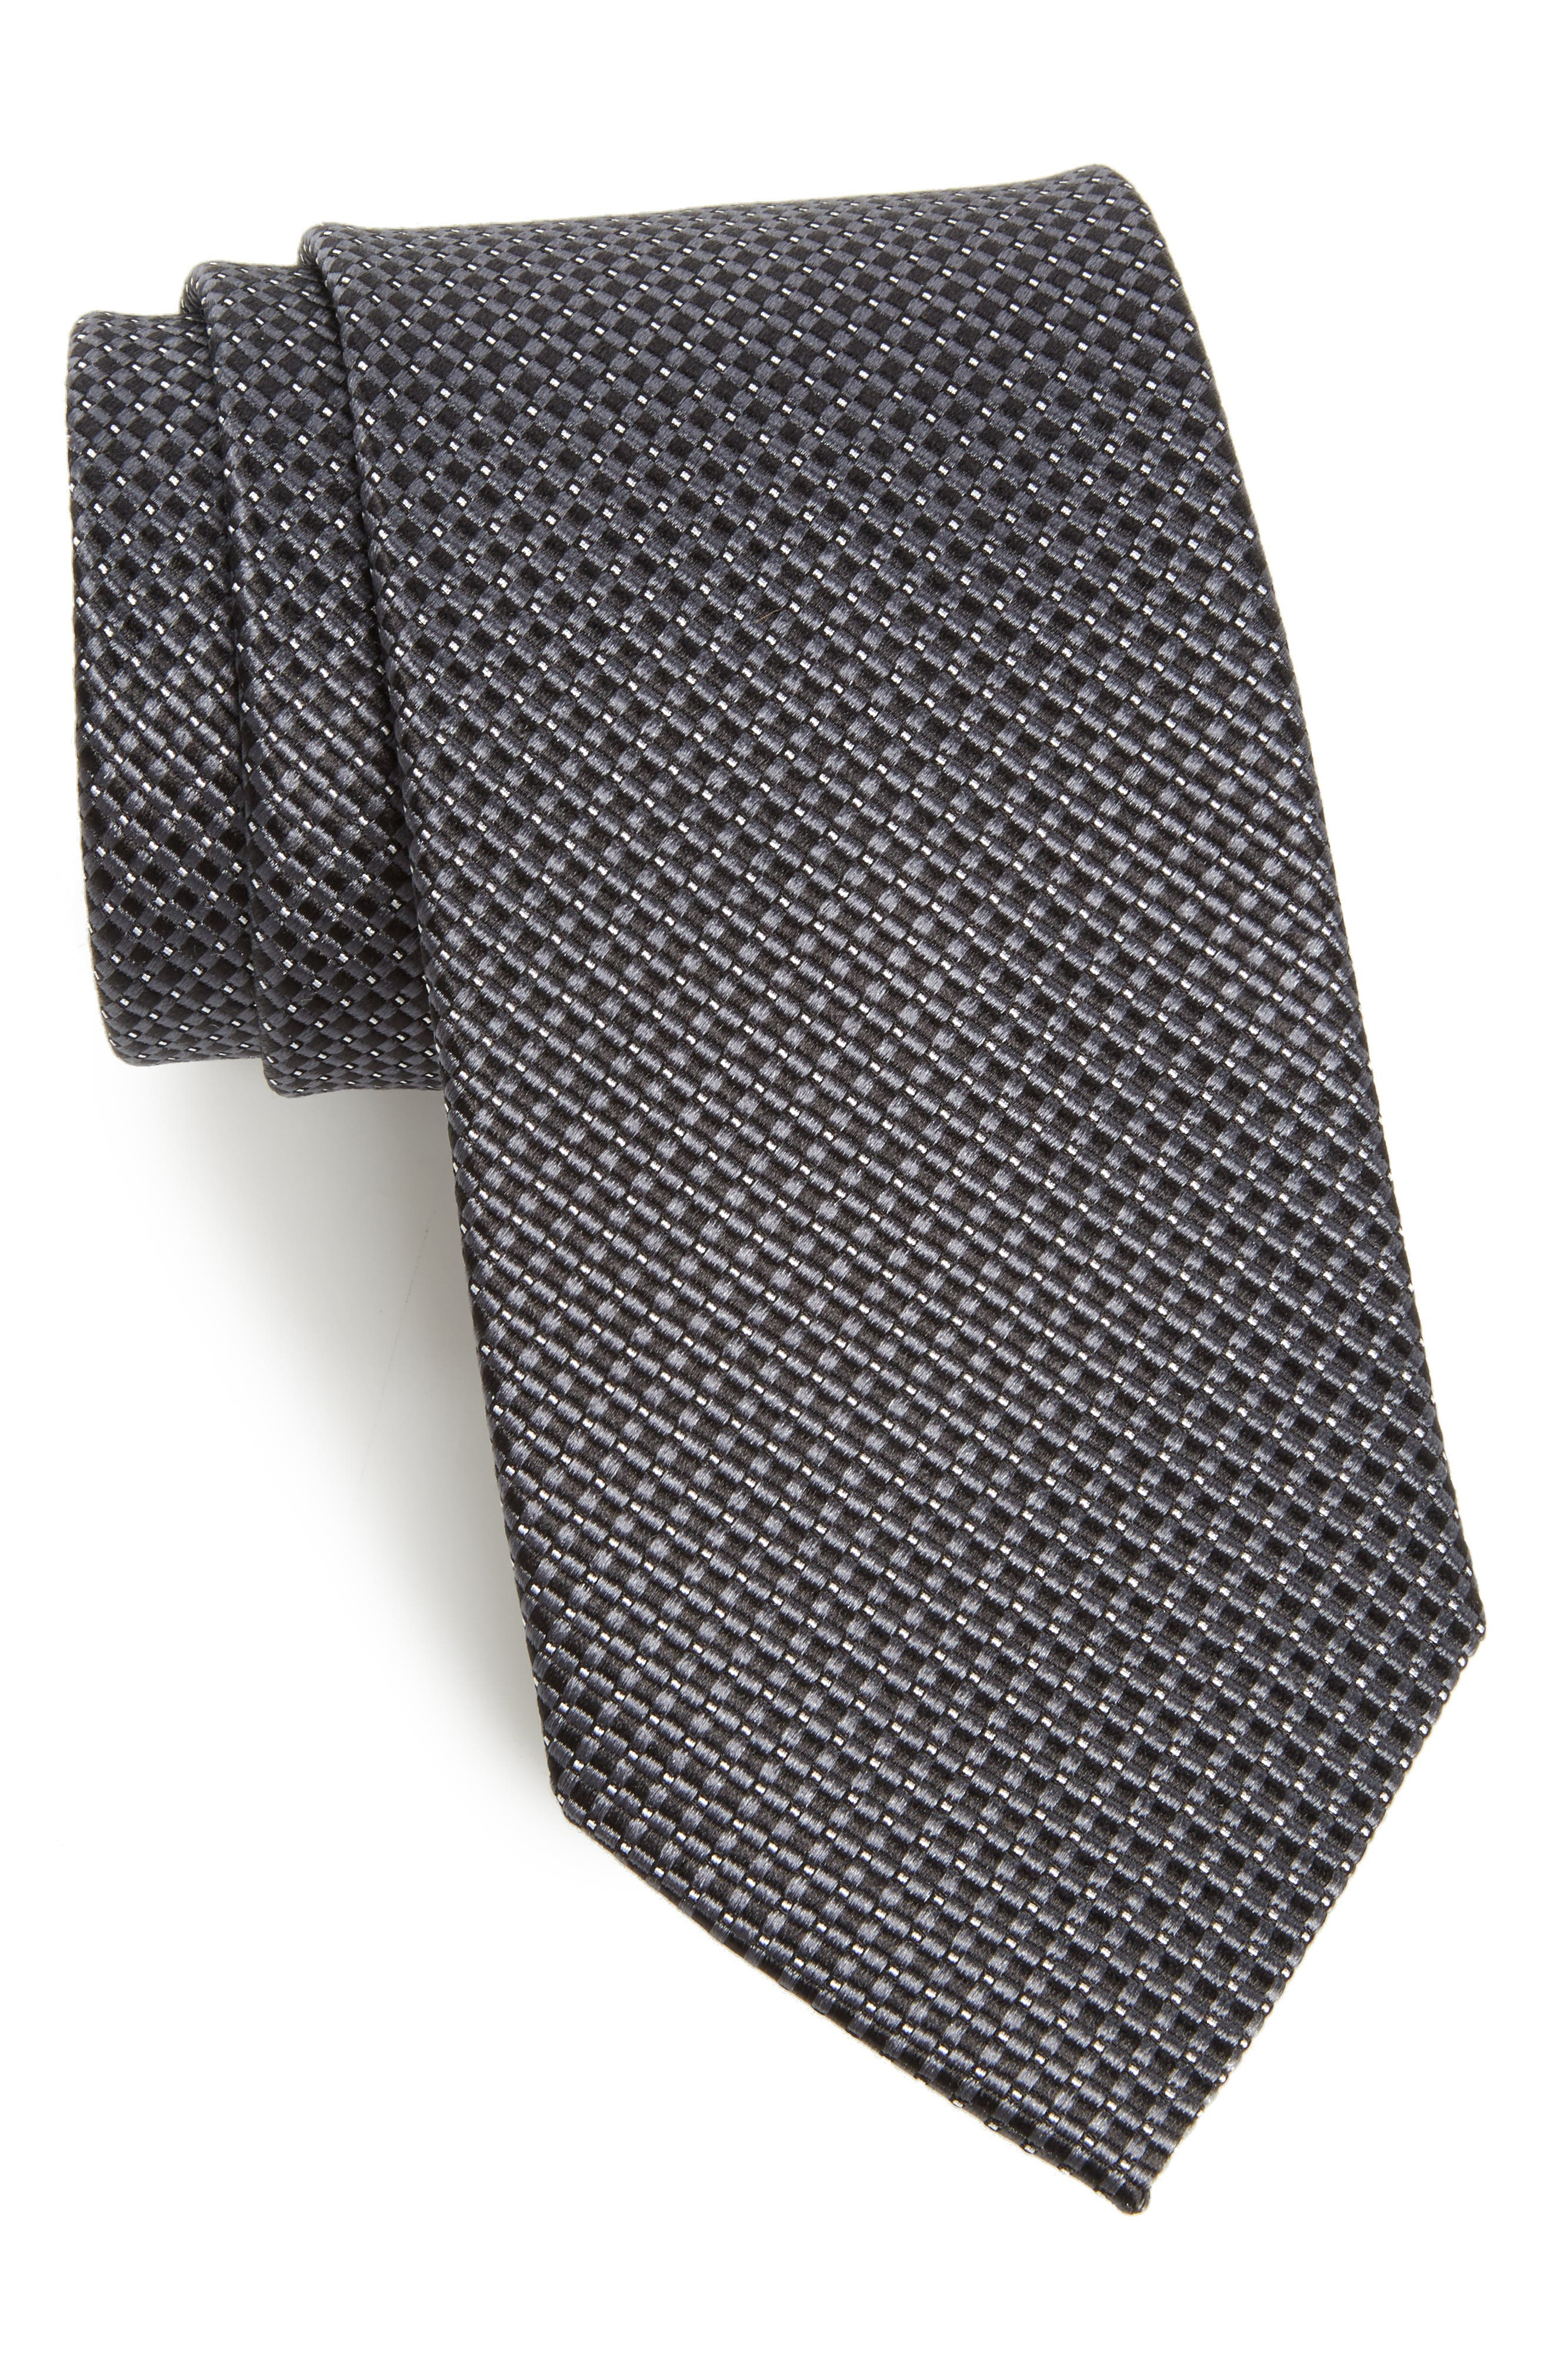 Microgrid Silk Tie,                         Main,                         color, BLACK